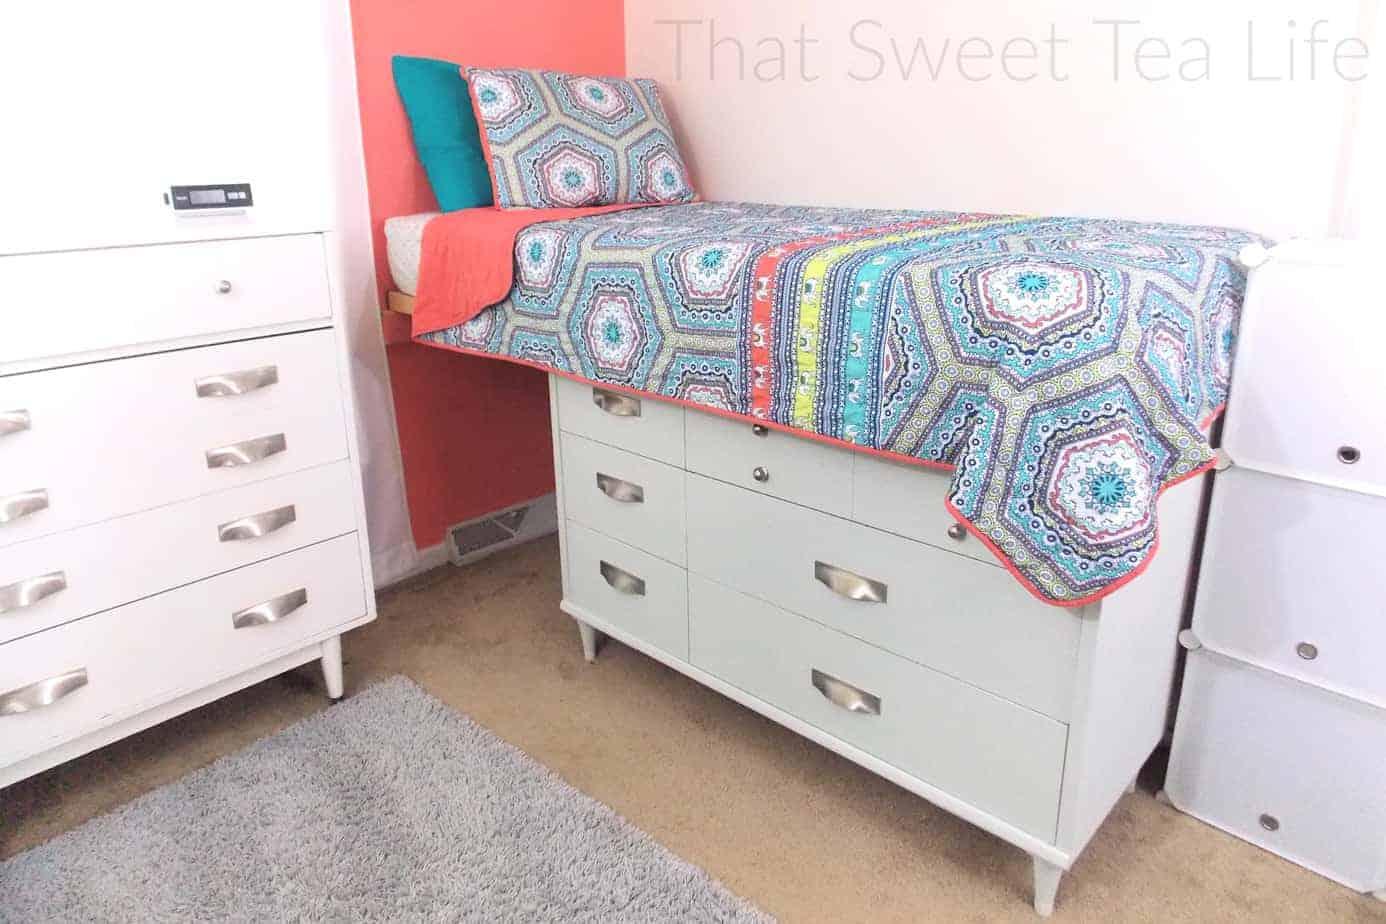 Comment Faire Des Lits Avec Rangement Housekeeping Magazine Idees Decoration Inspiration Astuces Tendances